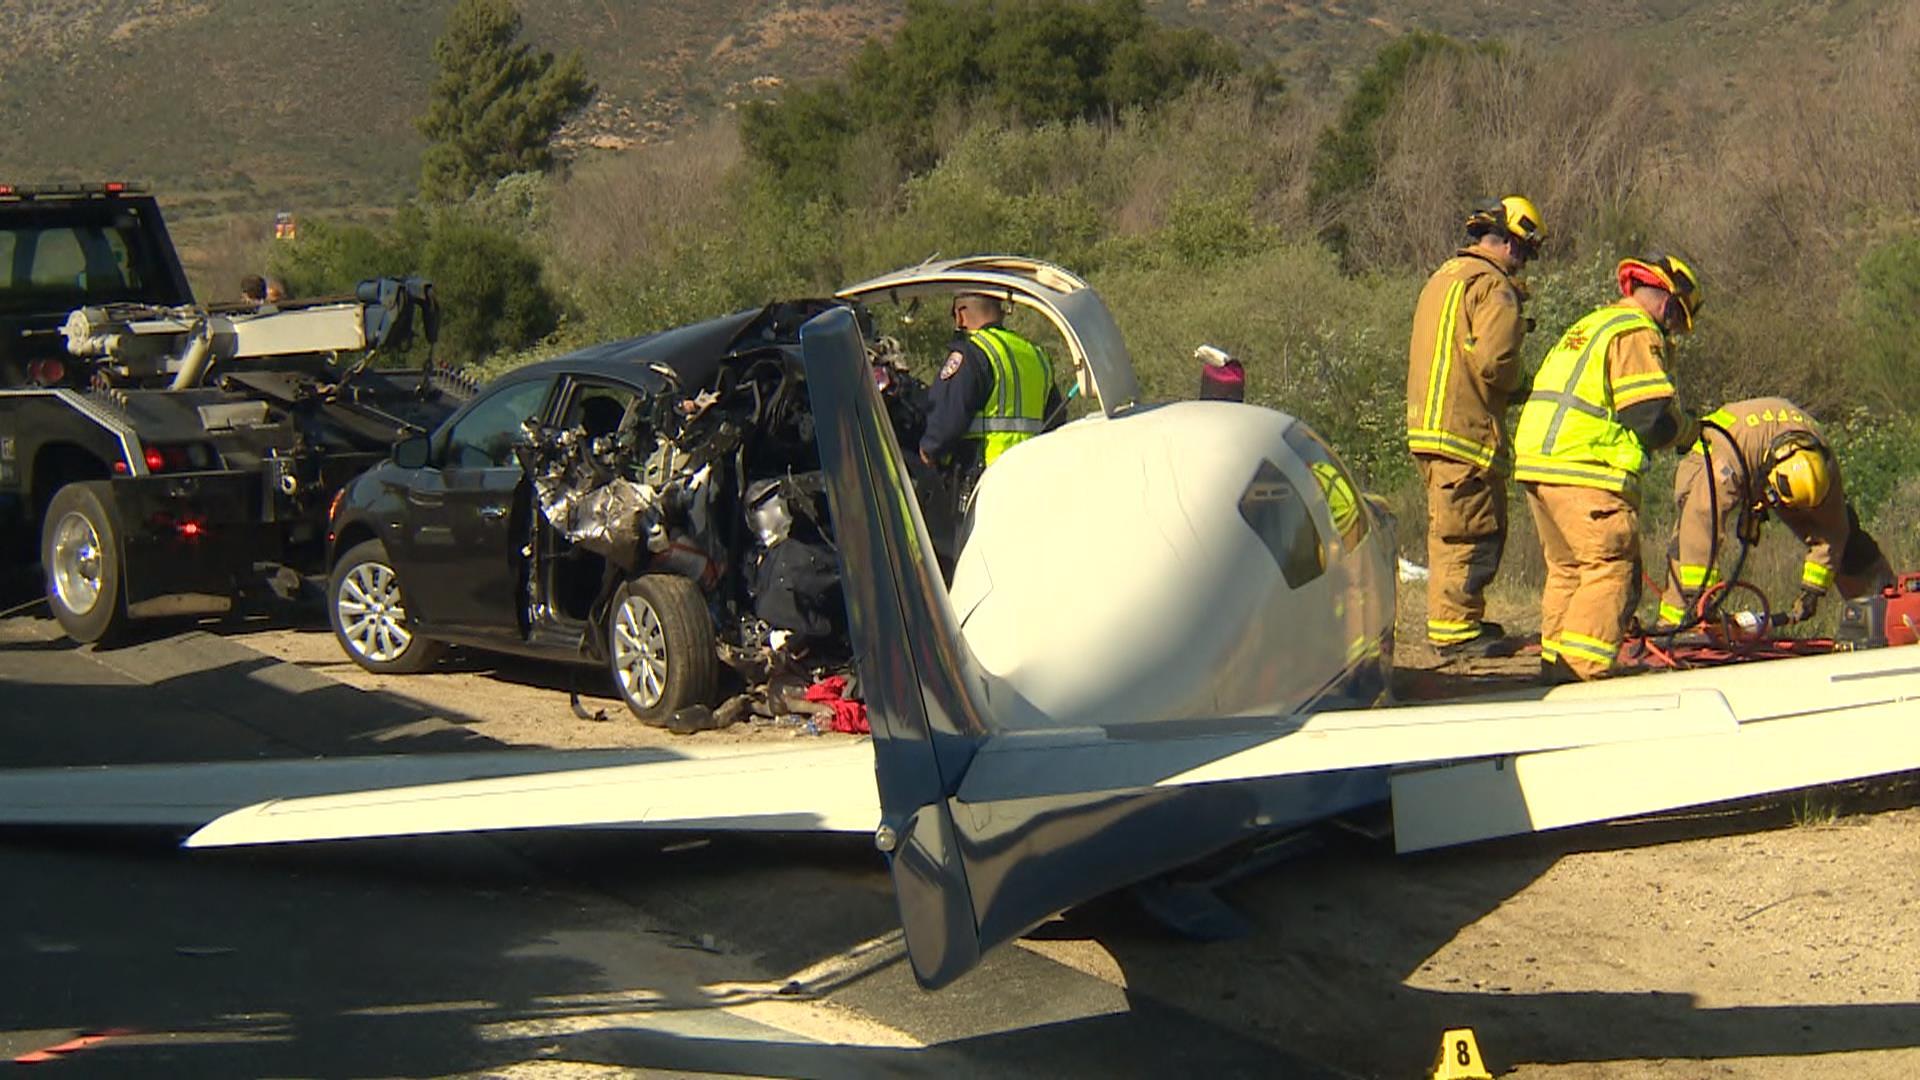 Plane Crashes Onto San Diego, California-Area Freeway, Killing 1, Injuring 5